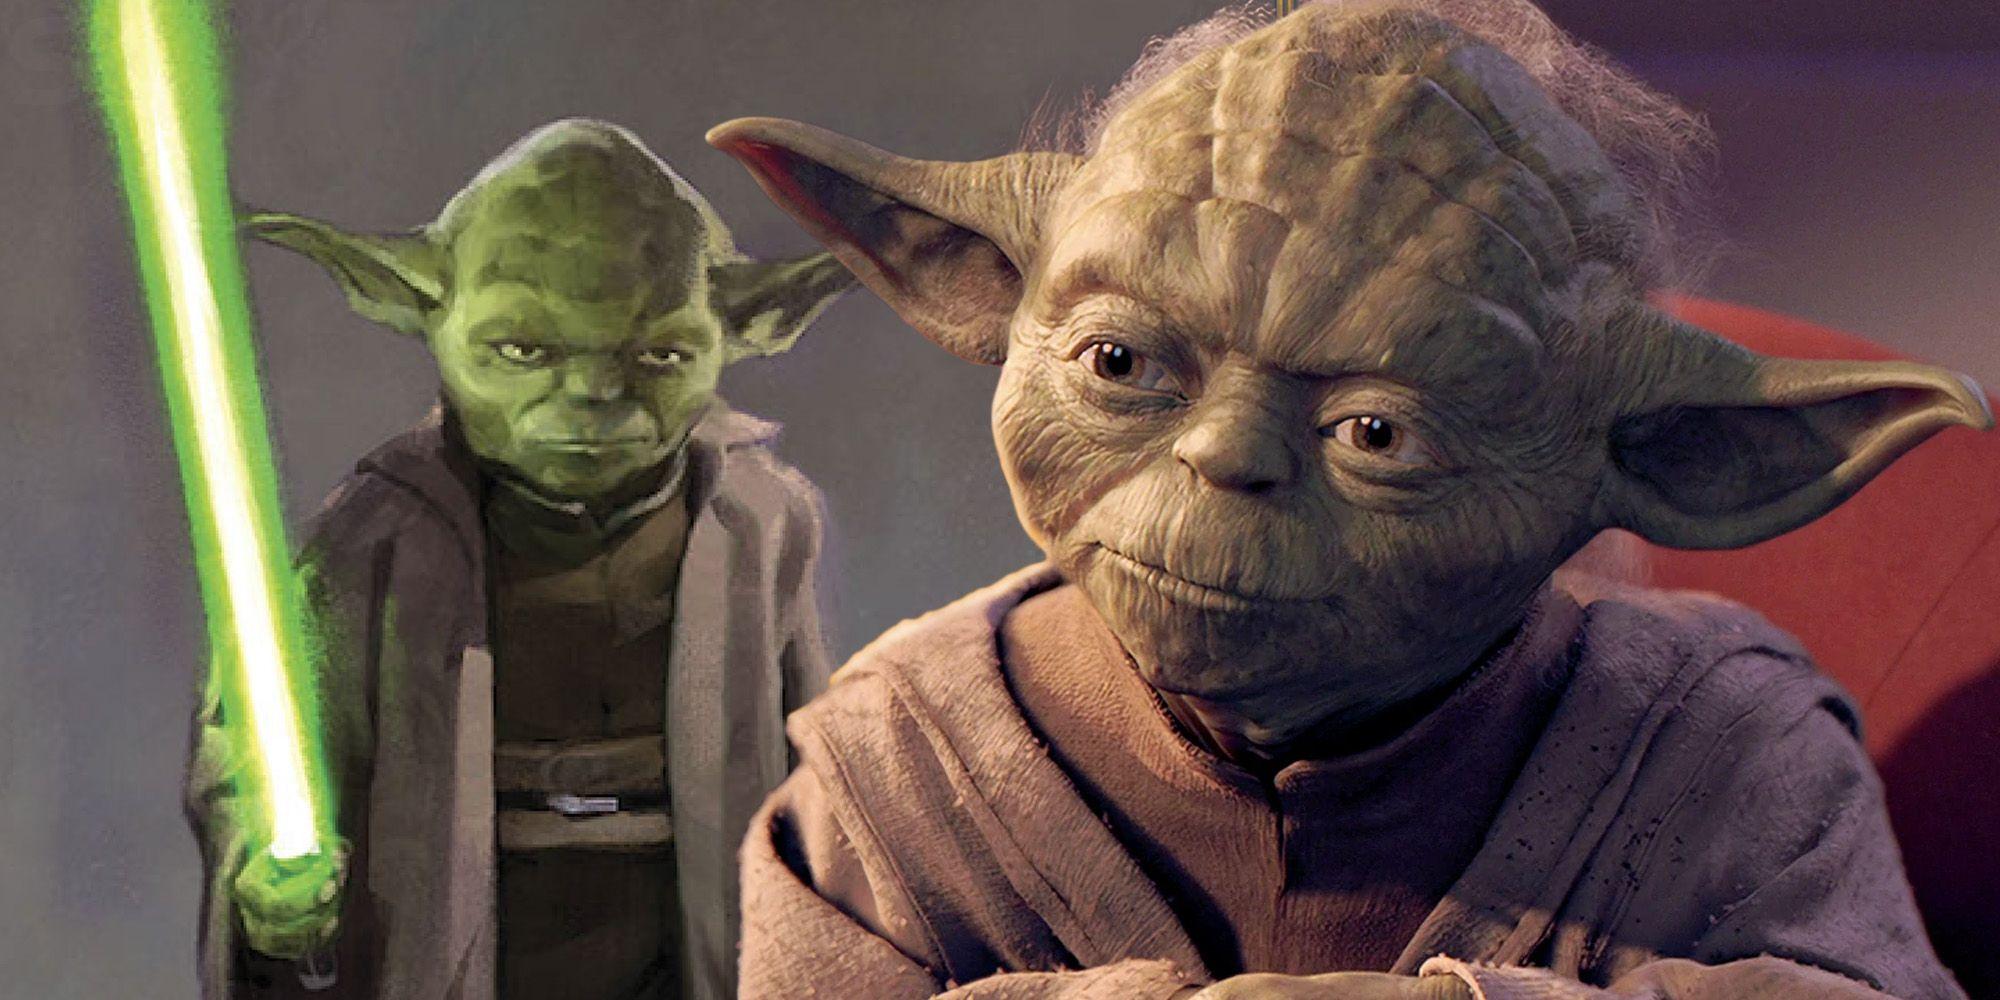 The new Canon Yoda makes it an even bigger failure